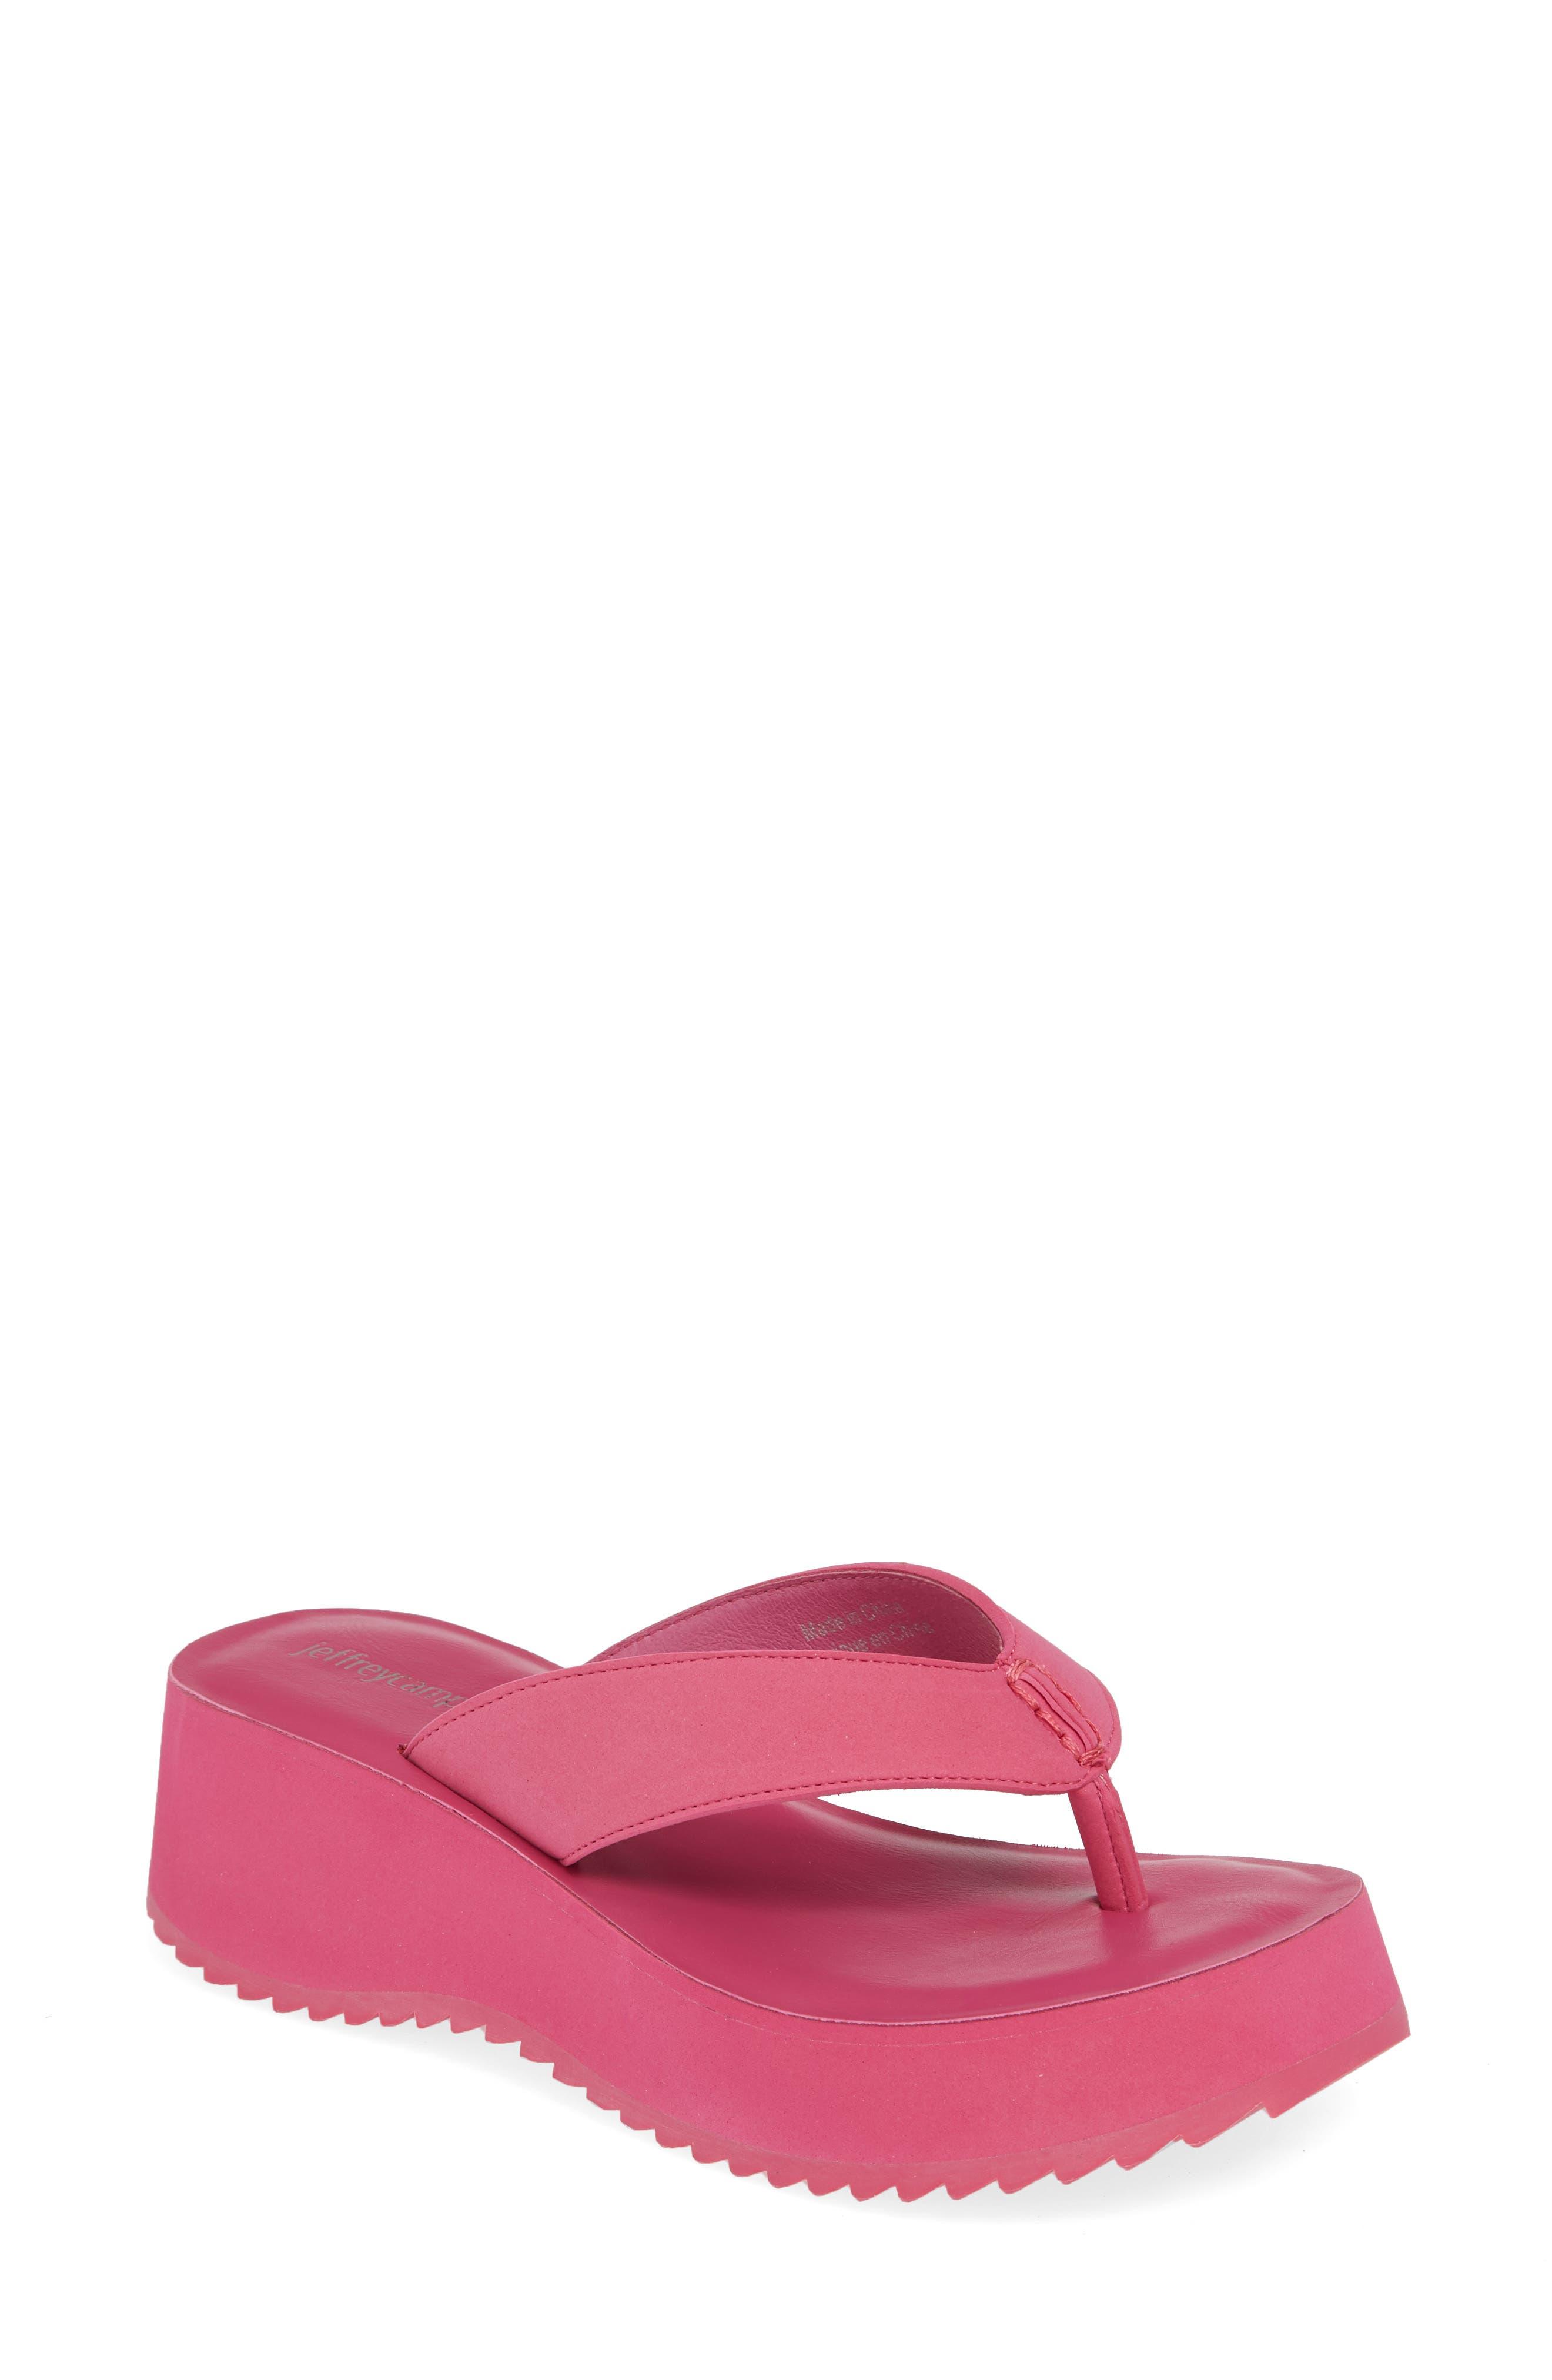 Jeffrey Campbell Platform Flip Flop, Pink